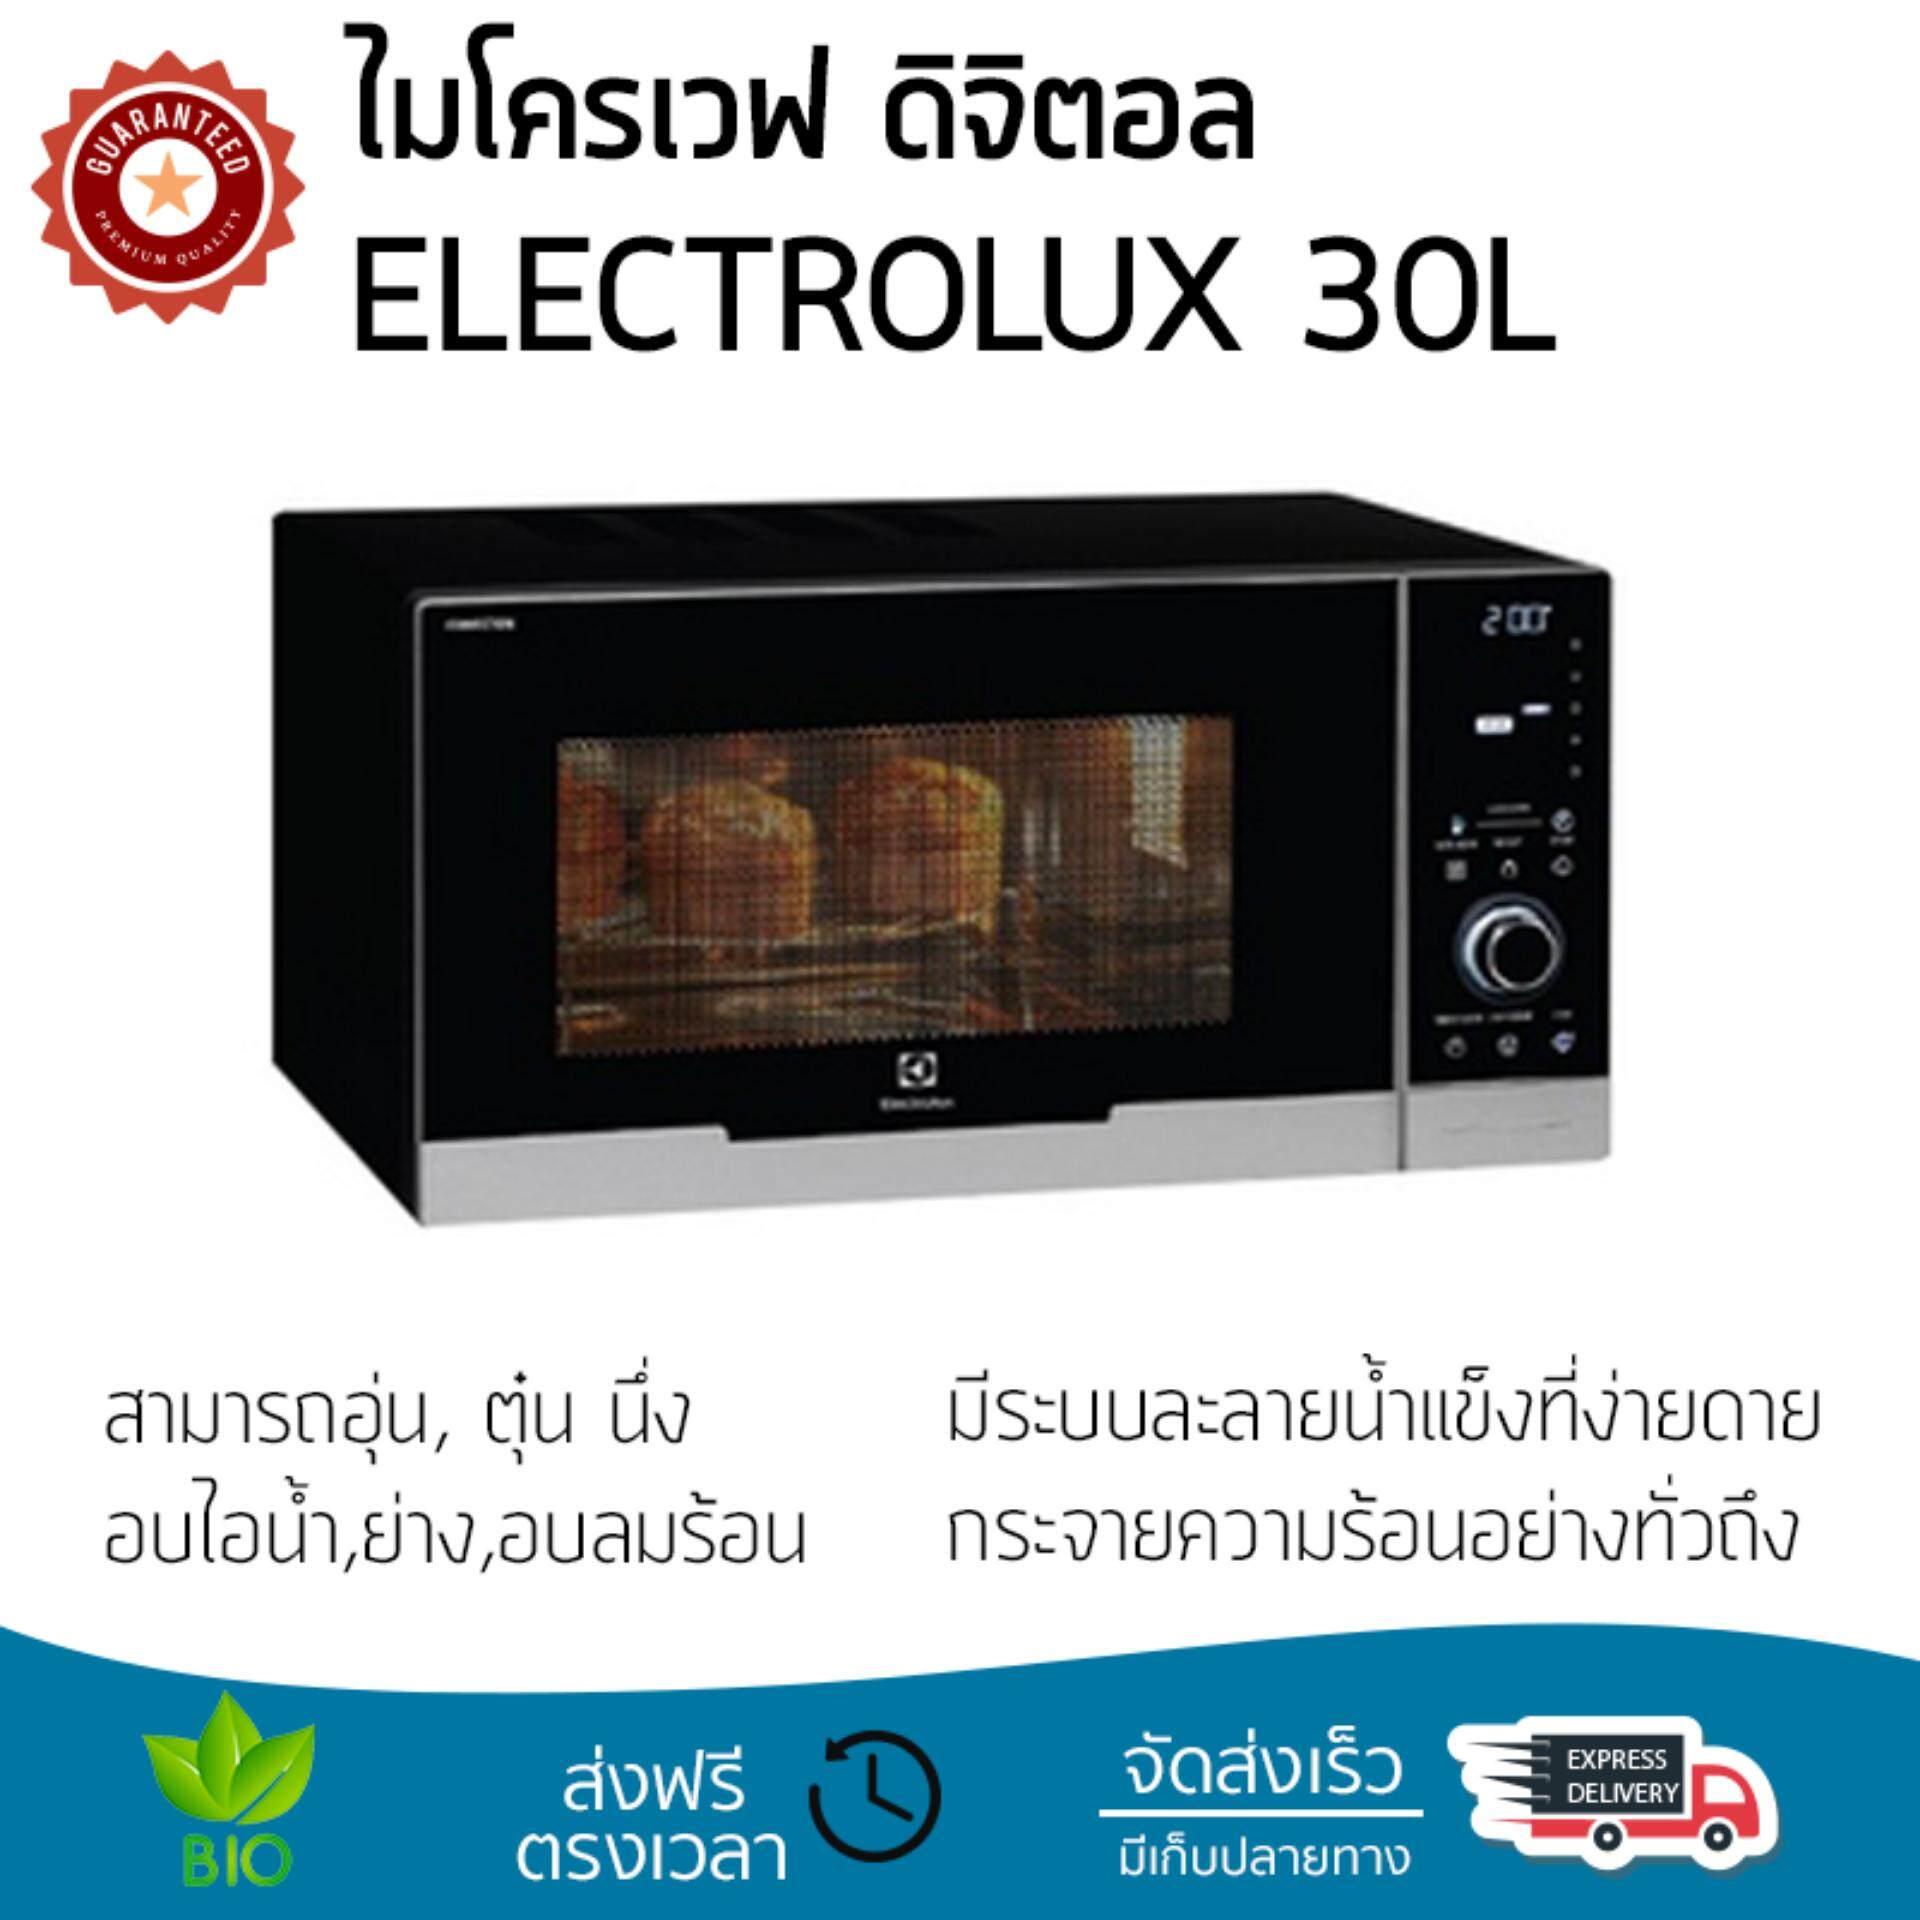 รุ่นใหม่ล่าสุด ไมโครเวฟ เตาอบไมโครเวฟ ไมโครเวฟ ดิจิตอล ELECTROLUX EMS3087X 30L   ELECTROLUX   EMS3087X ปรับระดับความร้อนได้หลายระดับ มีฟังก์ชันละลายน้ำแข็ง ใช้งานง่าย Microwave จัดส่งฟรีทั่วประเทศ